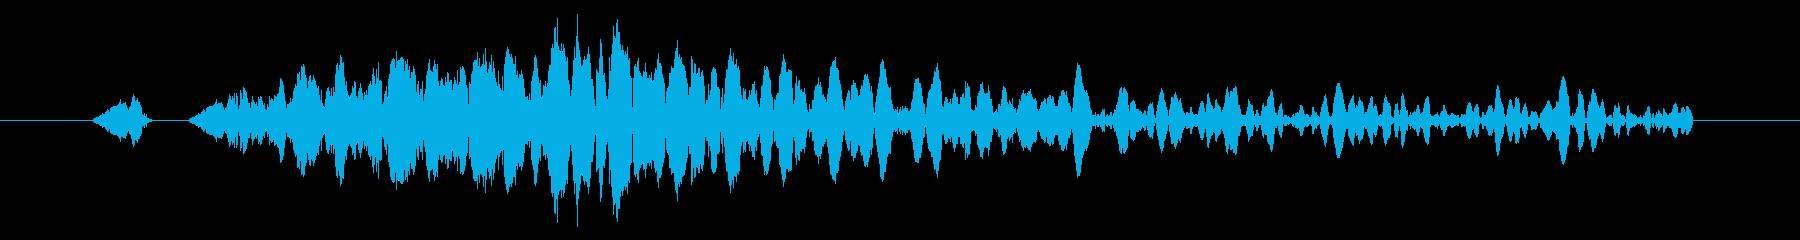 システム画面/閉じる/キャンセル効果音4の再生済みの波形